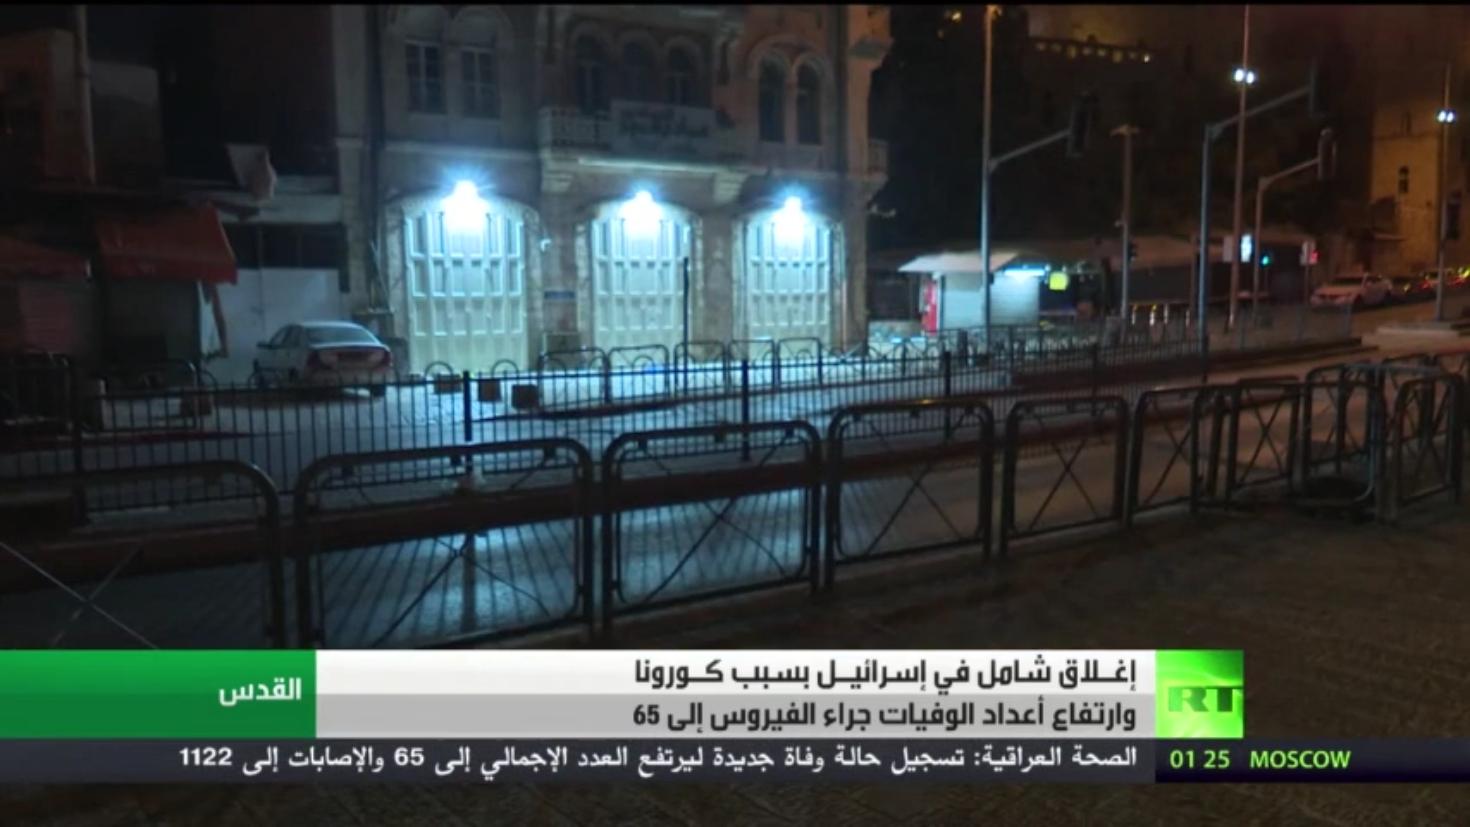 بدء سريان الإغلاق في إسرائيل بسبب كورونا